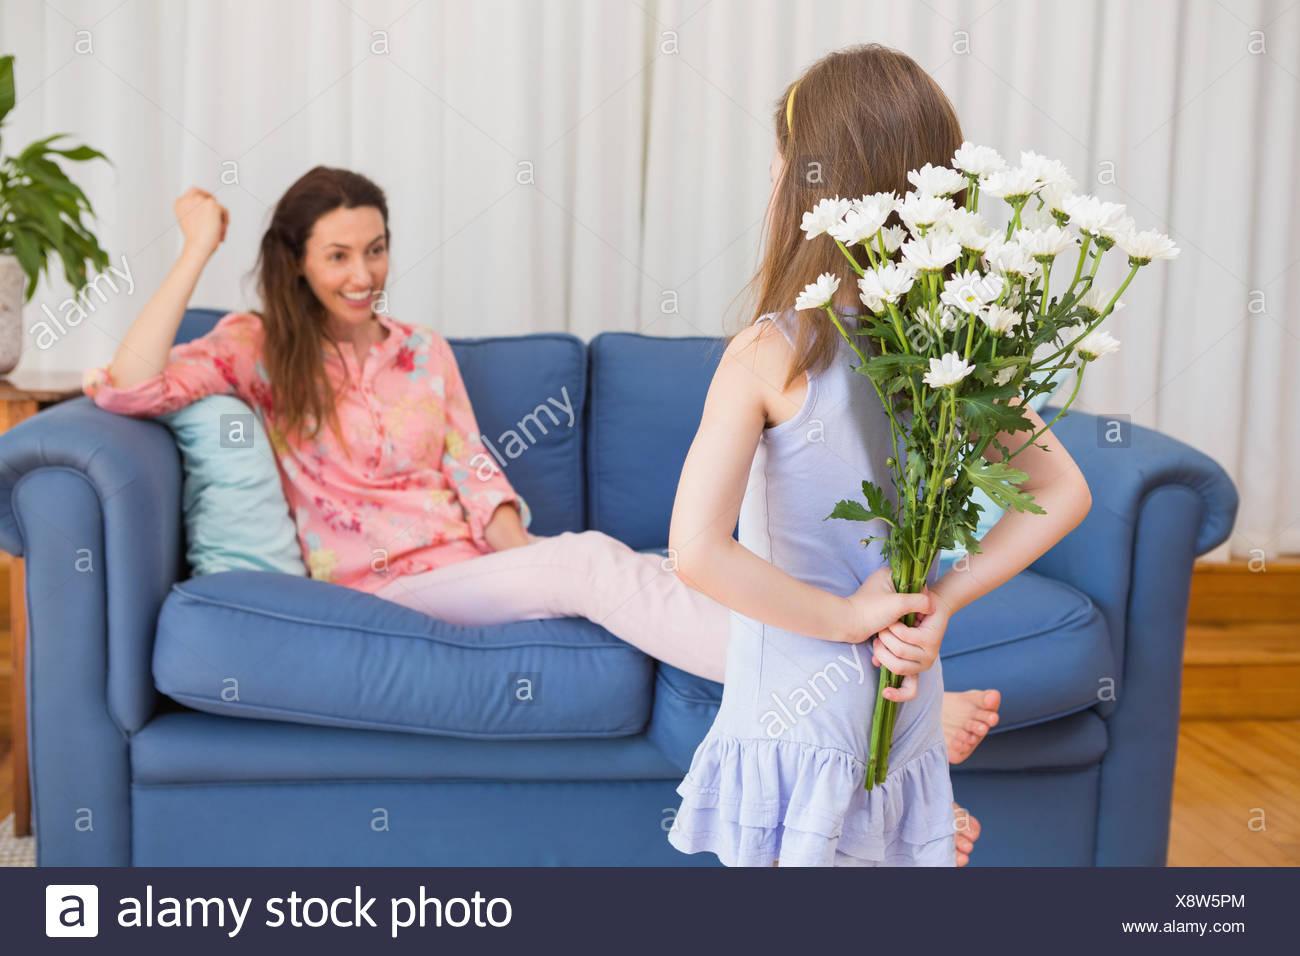 Hija de madre sorprendente con flores. Imagen De Stock